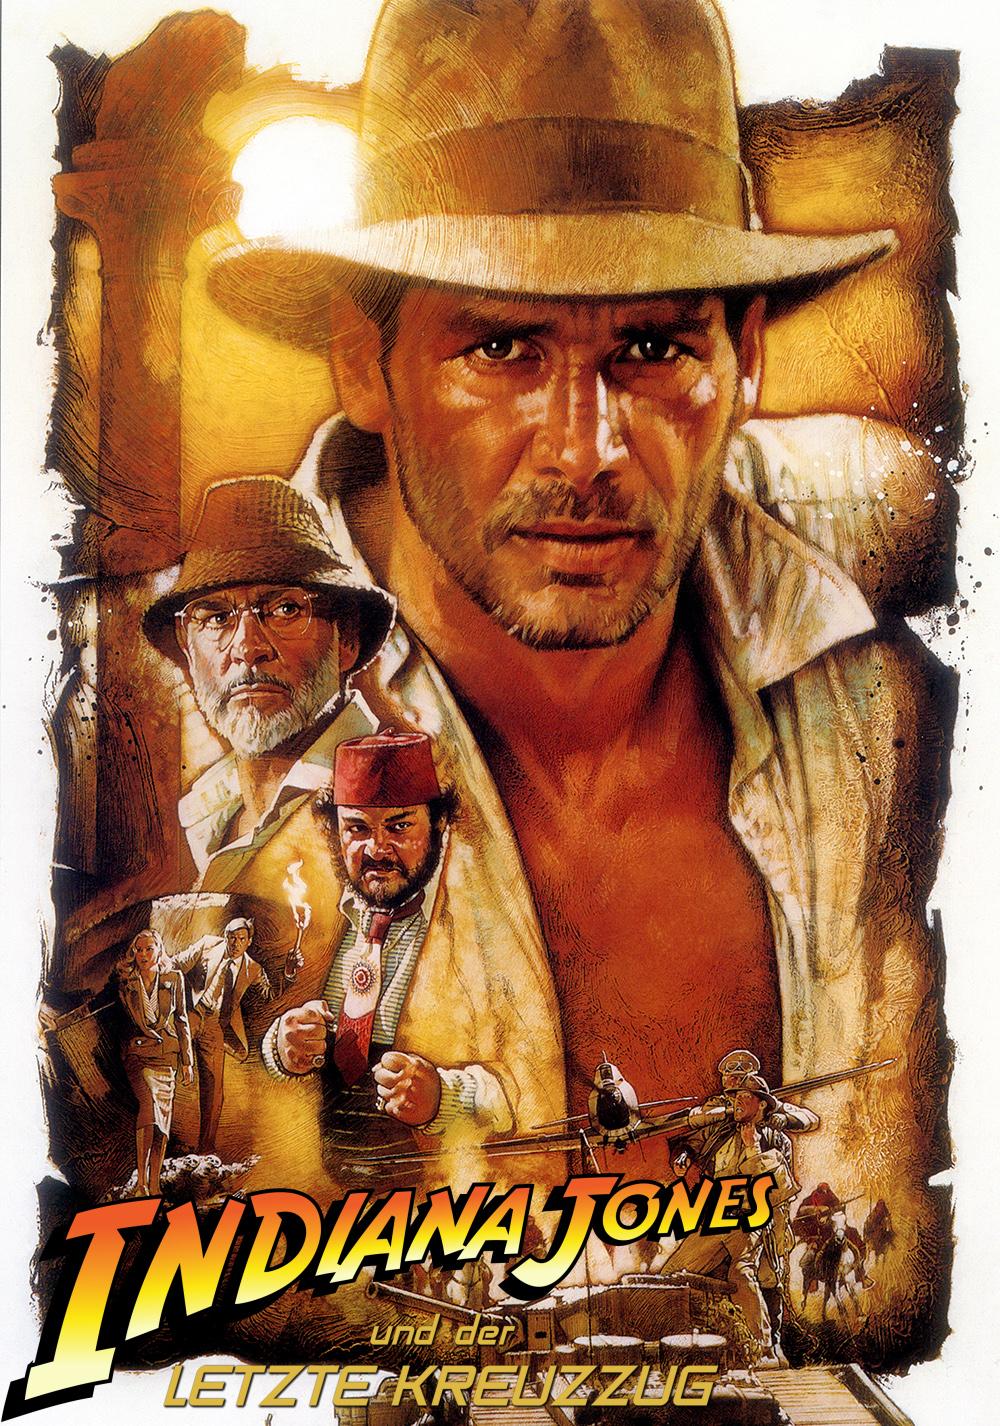 Indiana Jones Filme Und Tv-Sendungen